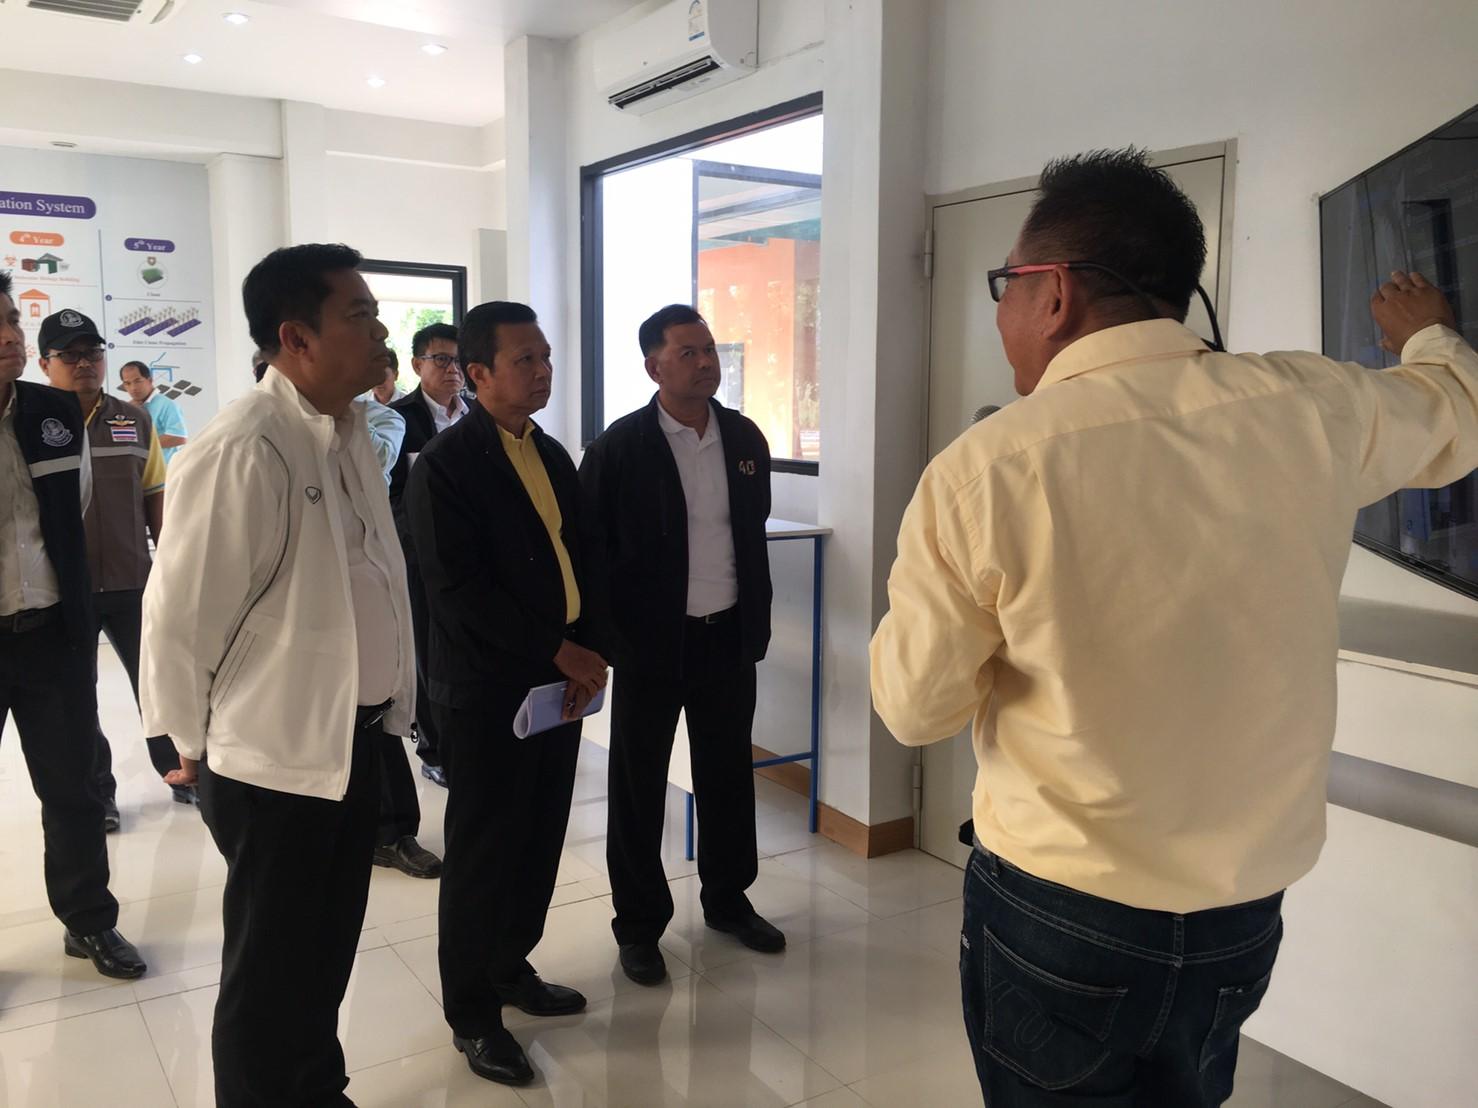 เมื่อวันที่ 6 พฤศจิกายน 2562 นาย เอกภัทร วังสุวรรณ นำทีมเข้าเยียมชมเพื่อต้อรับคณะ ครม.สัญจร ในวันที่ 11 พฤศจิกายน 2562 ณ ศูยน์การปรับปรุงพันธุ์อ้อยแห่งประเทศไทย (Thailand Sugarcane Breeding Center)